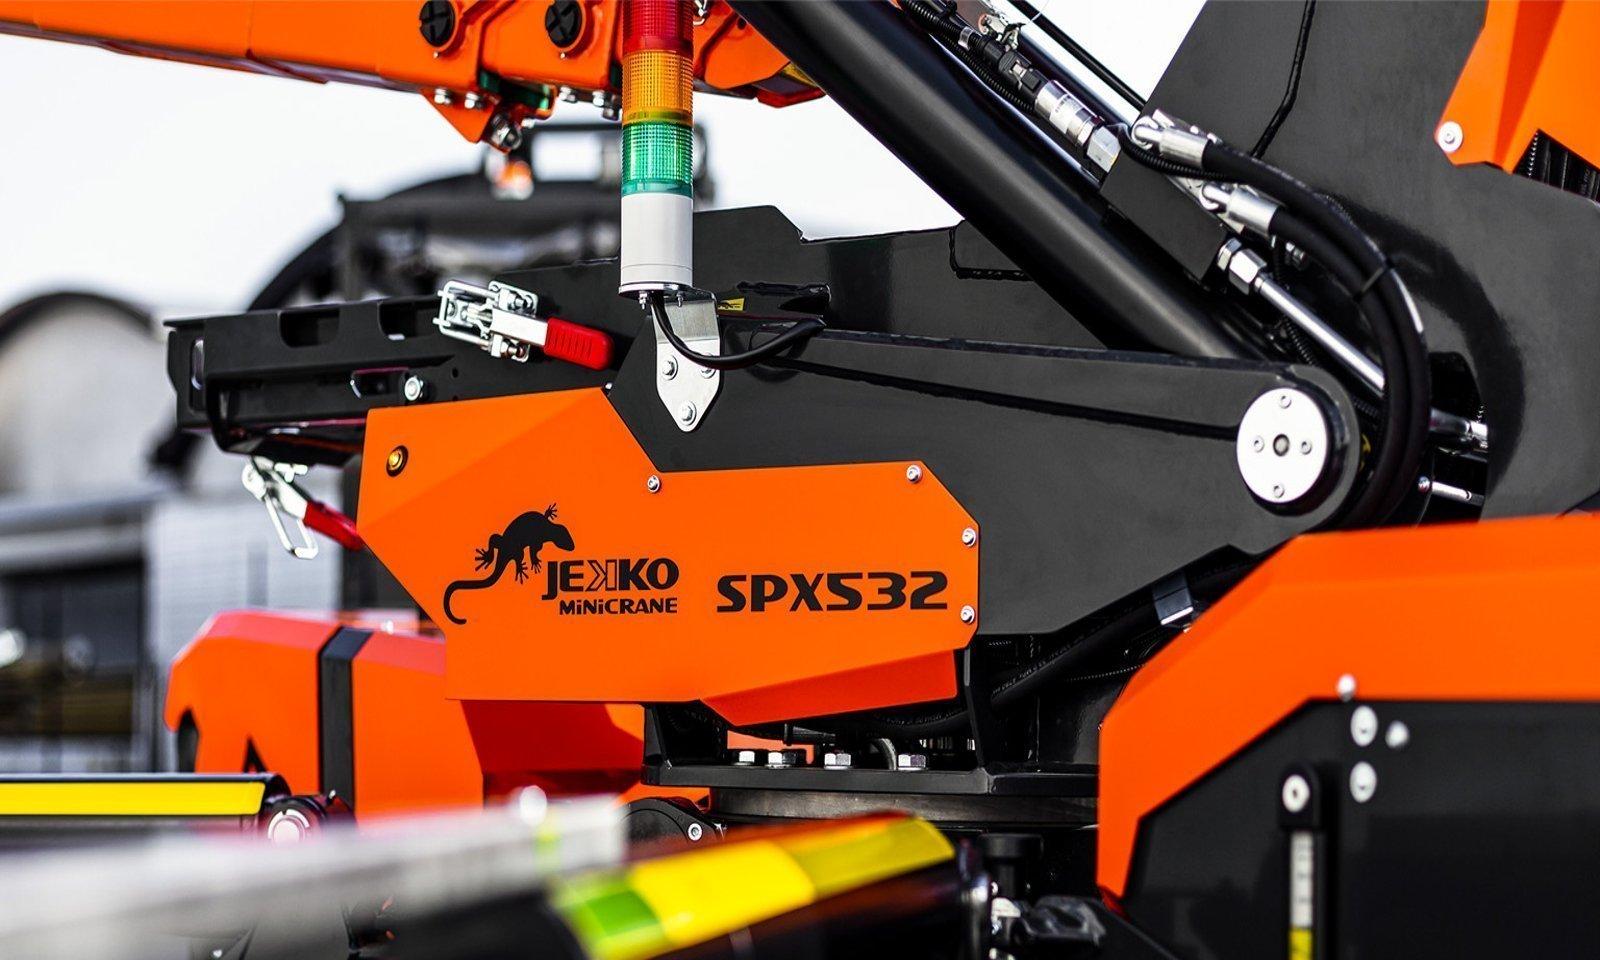 SPX532